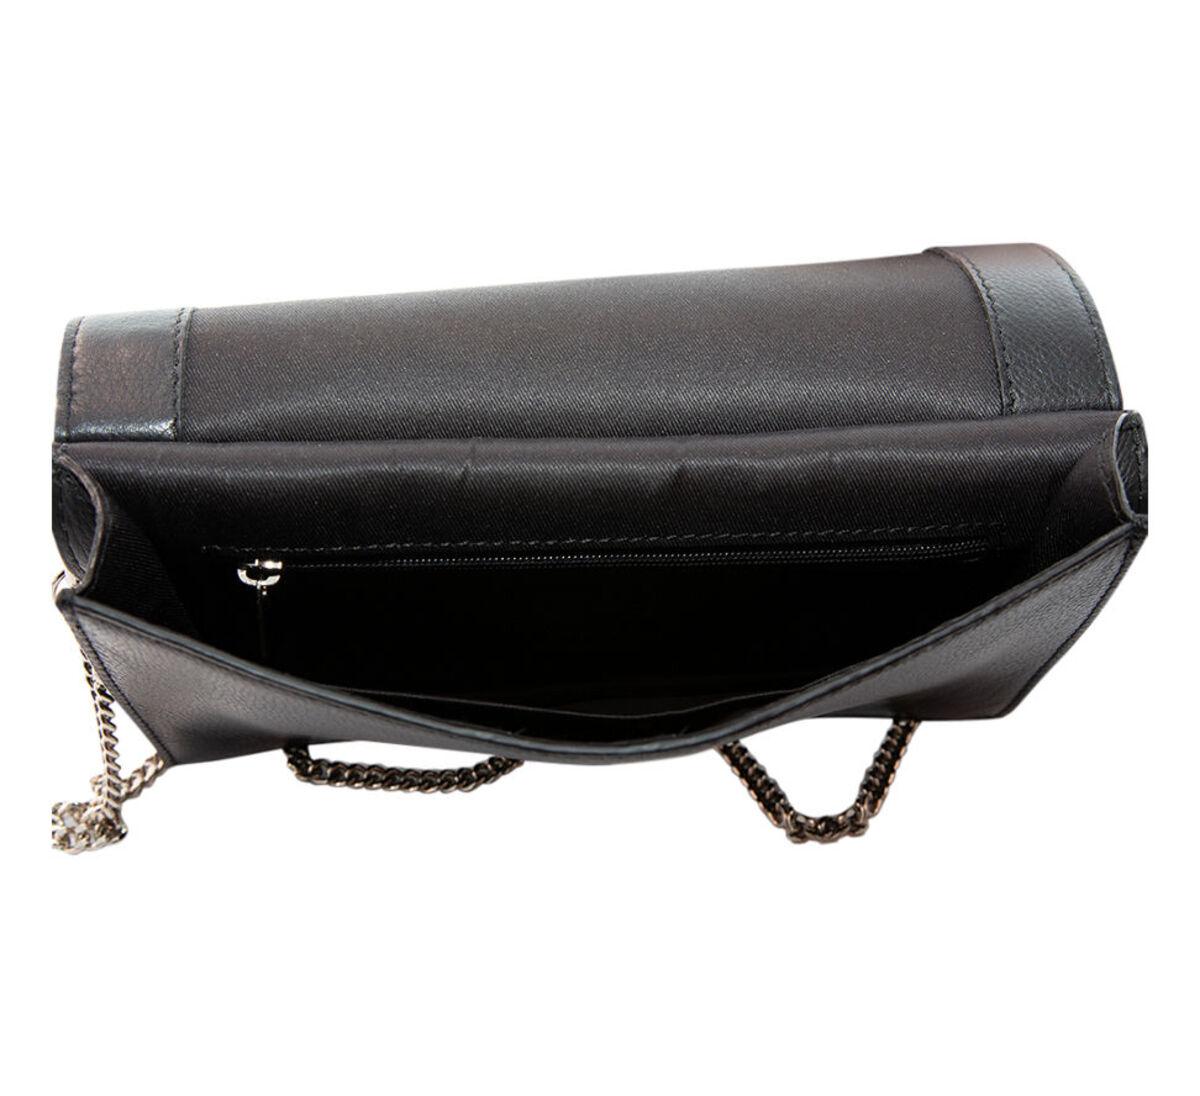 Bild 3 von Varese Handtasche